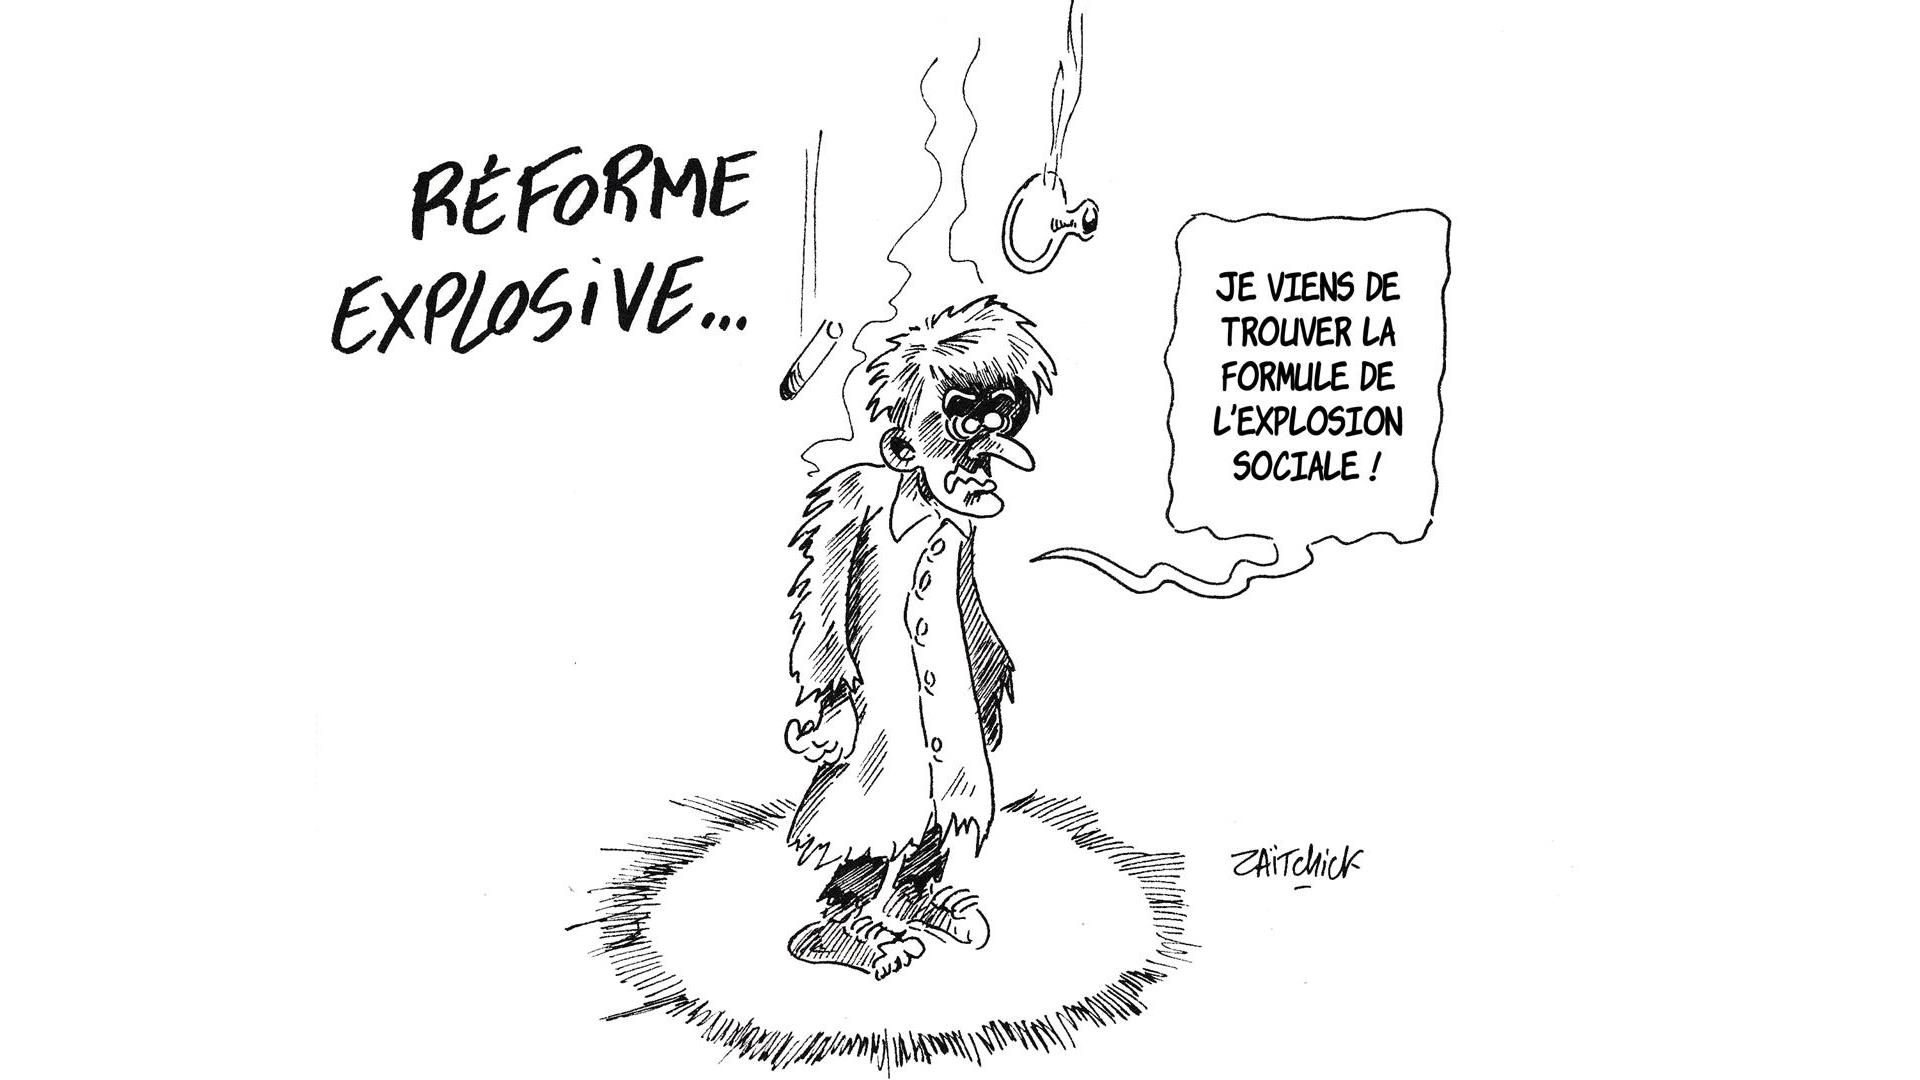 Macron recette explosion sociale (Large) (Large)